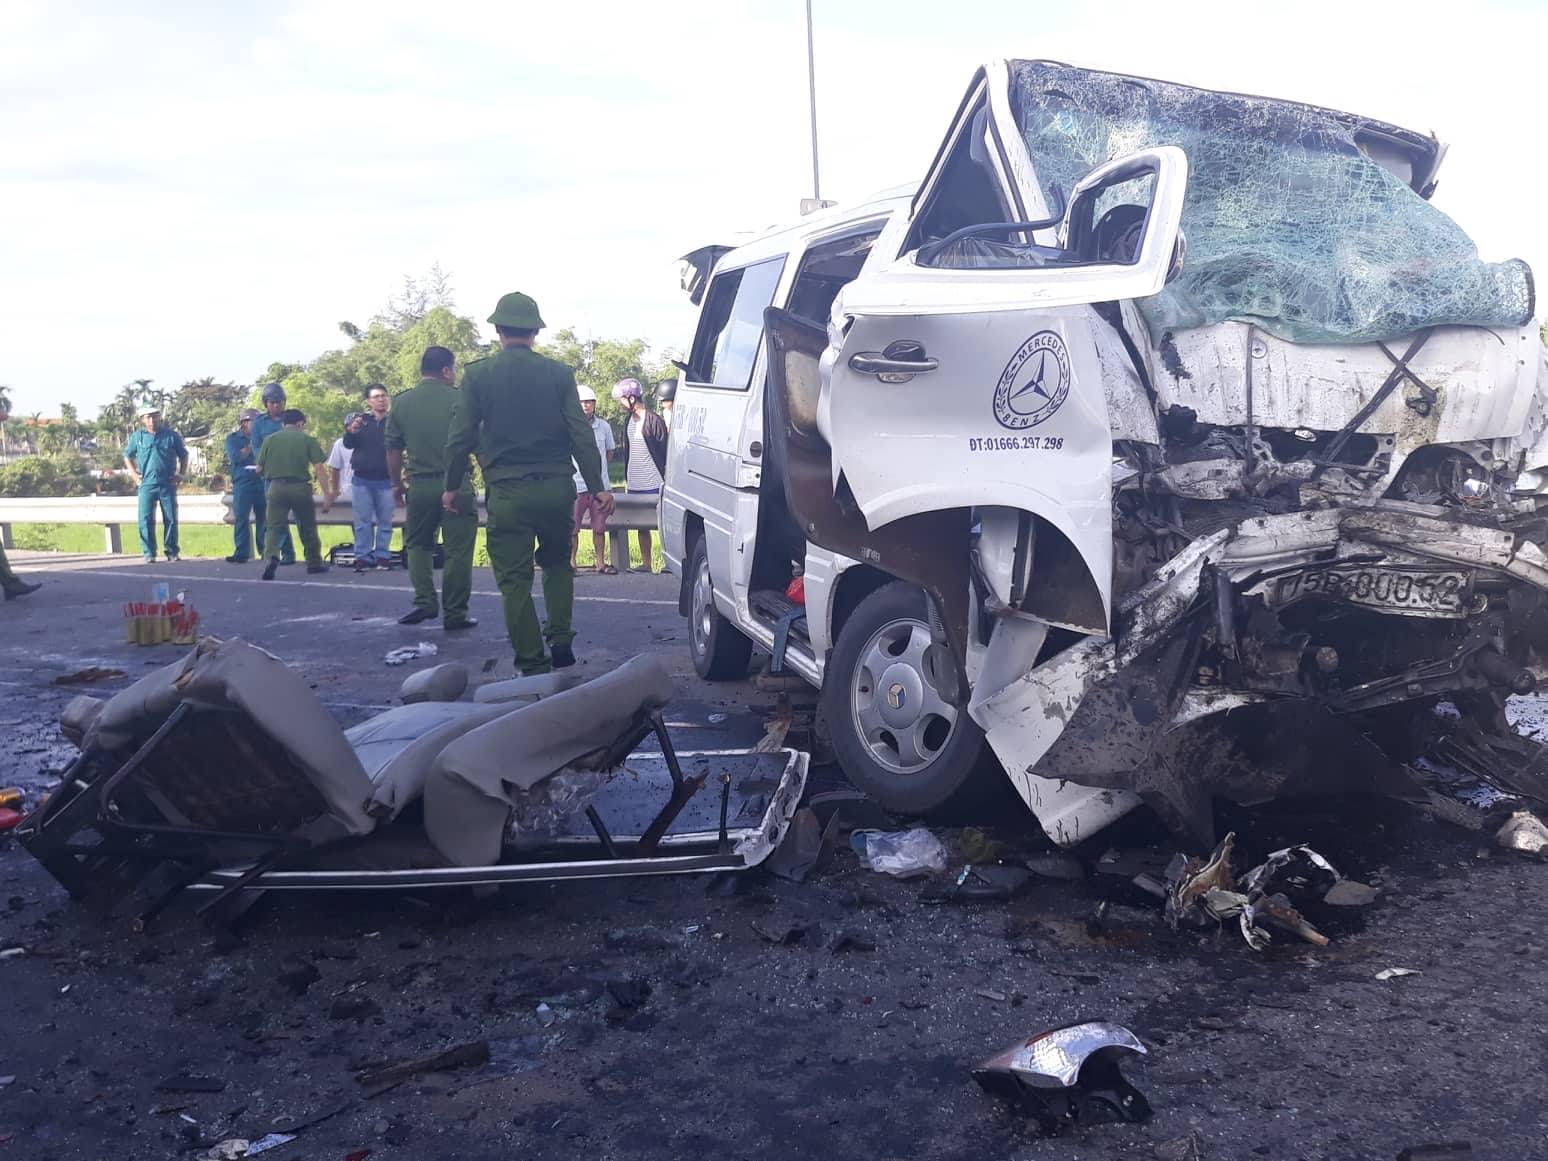 2 cháu bé sống sót trong vụ tai nạn 13 người chết được hỗ trợ gần 5 tỷ đồng - Ảnh 2